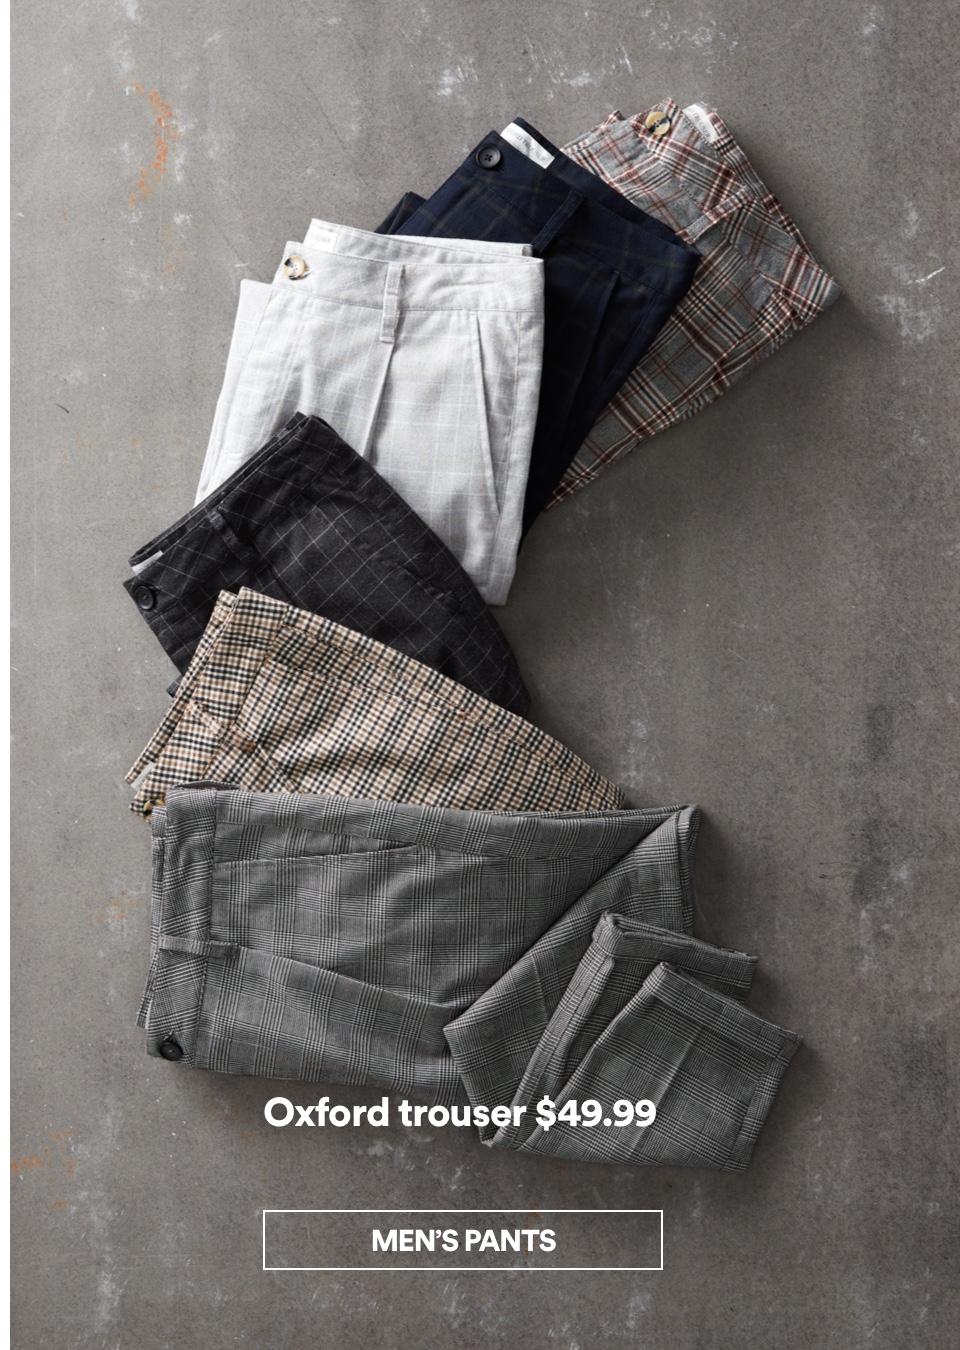 Men's Oxford Trousers. Shop Pants Now.